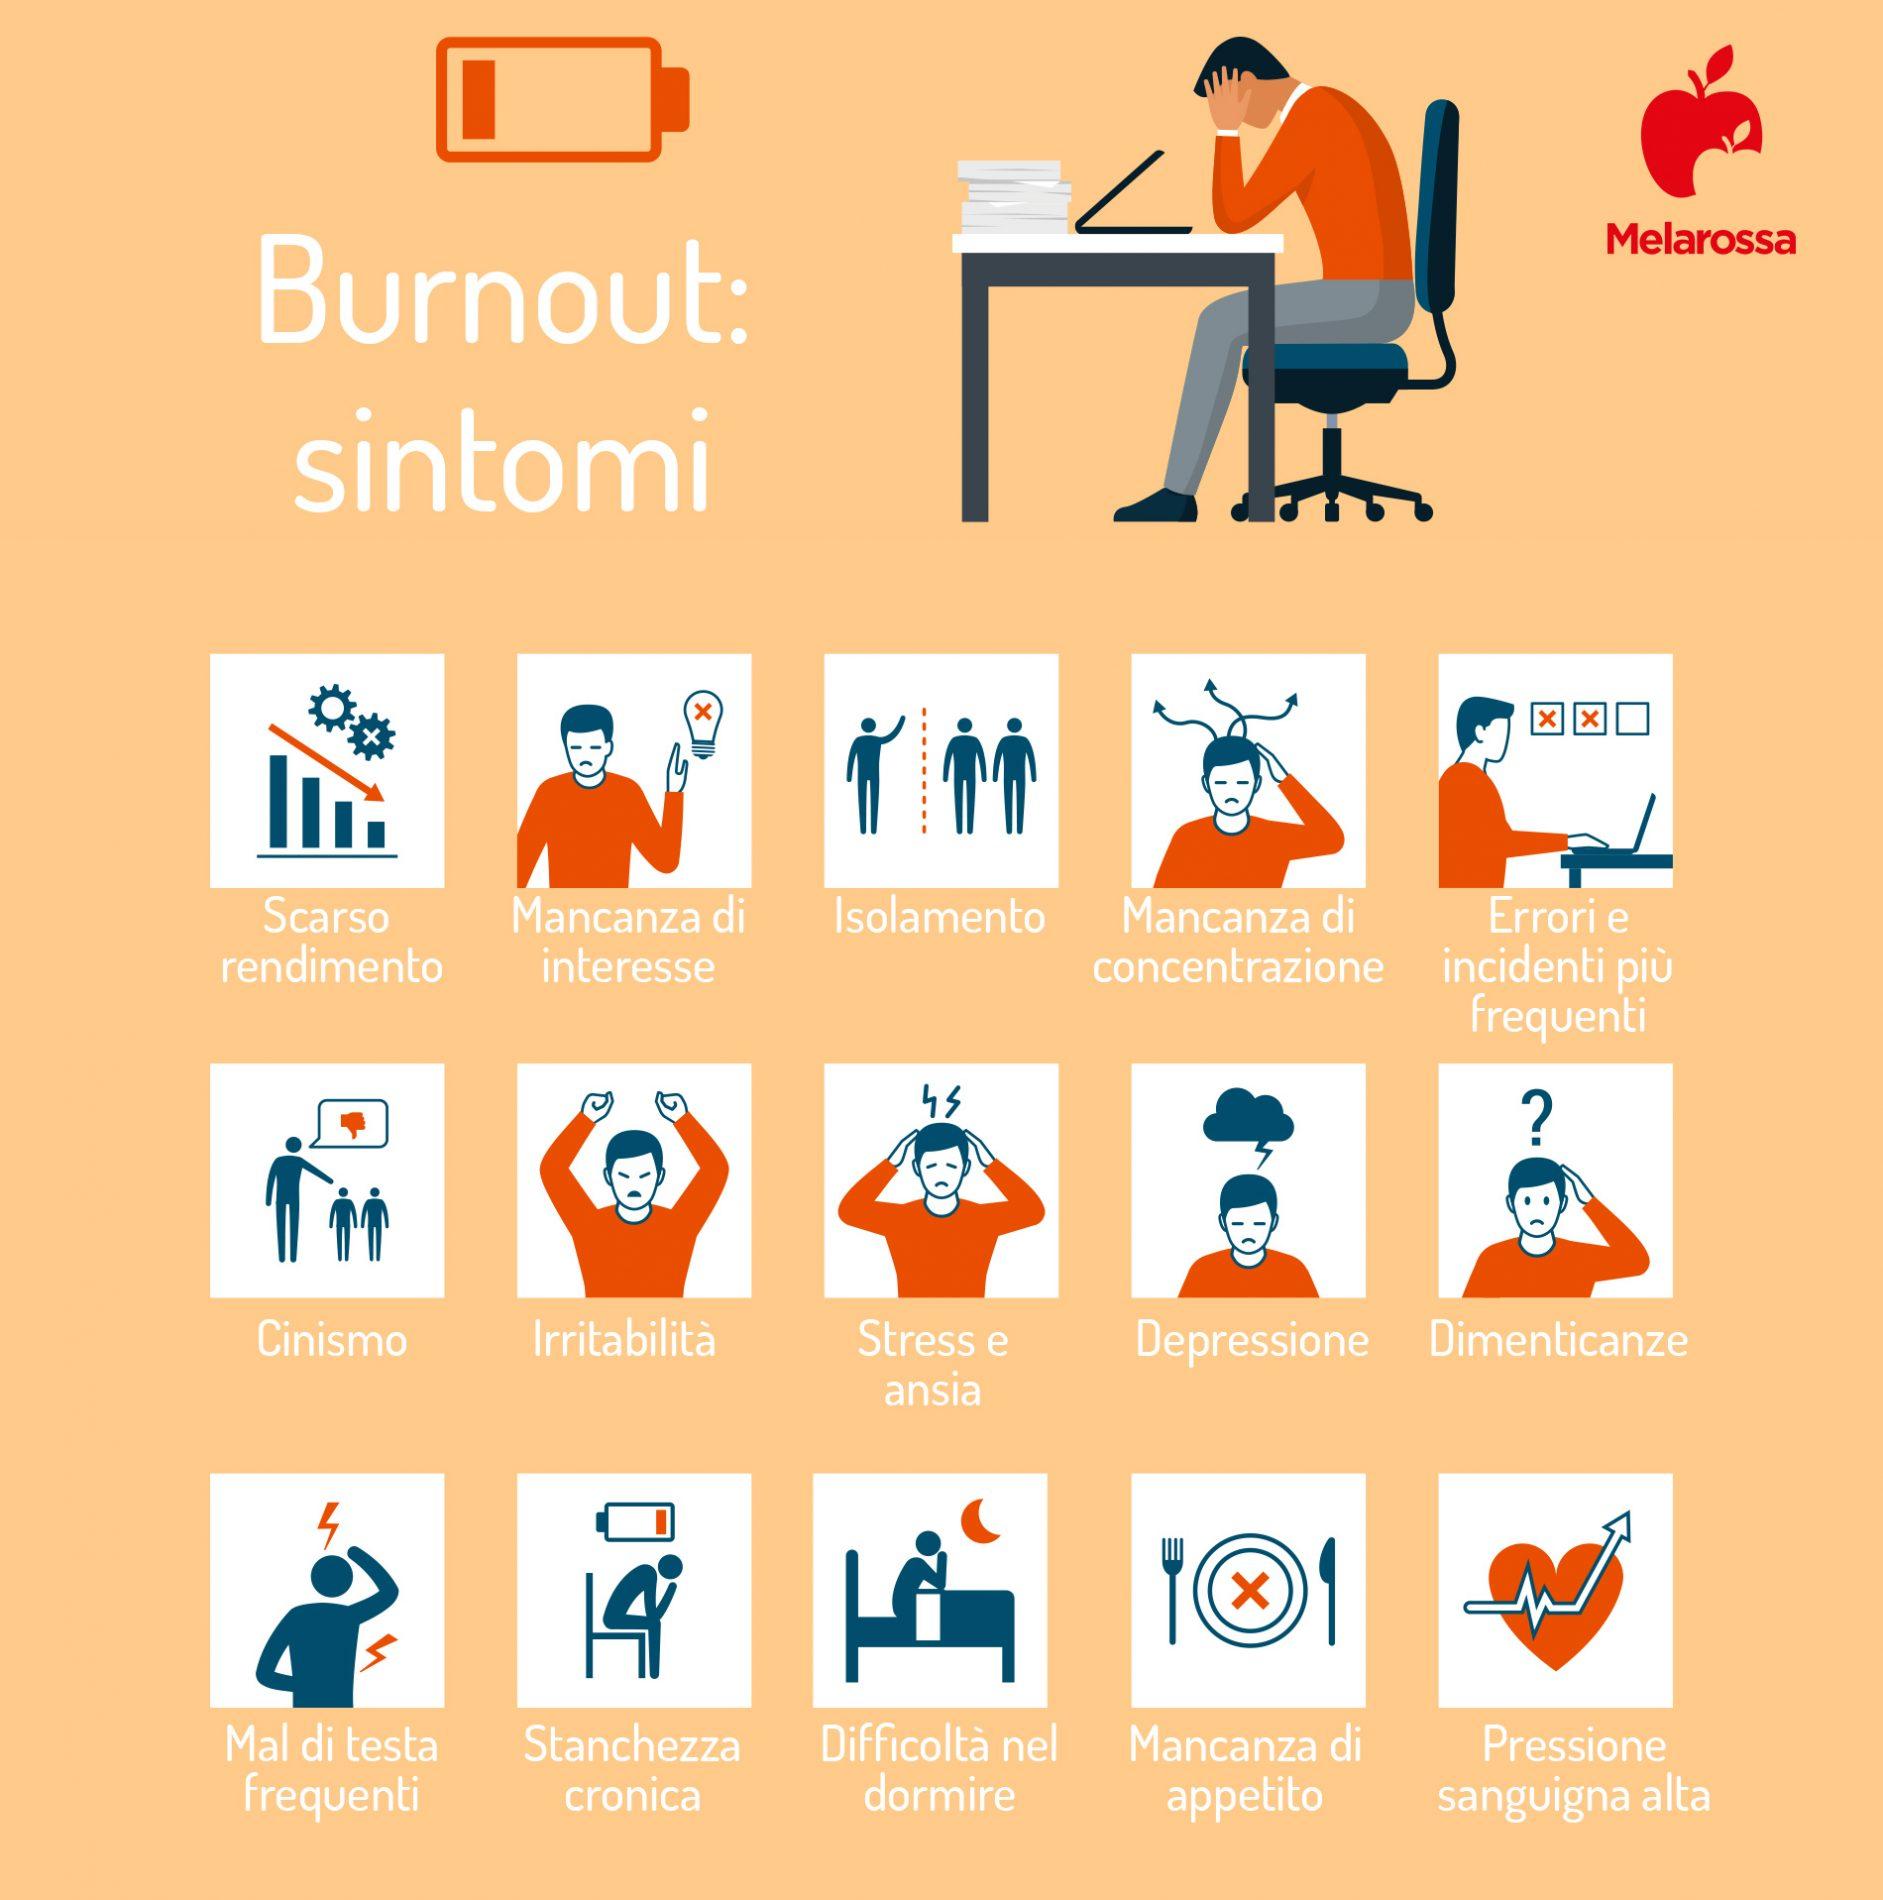 sindrome da burnout: quali sono i sintomi